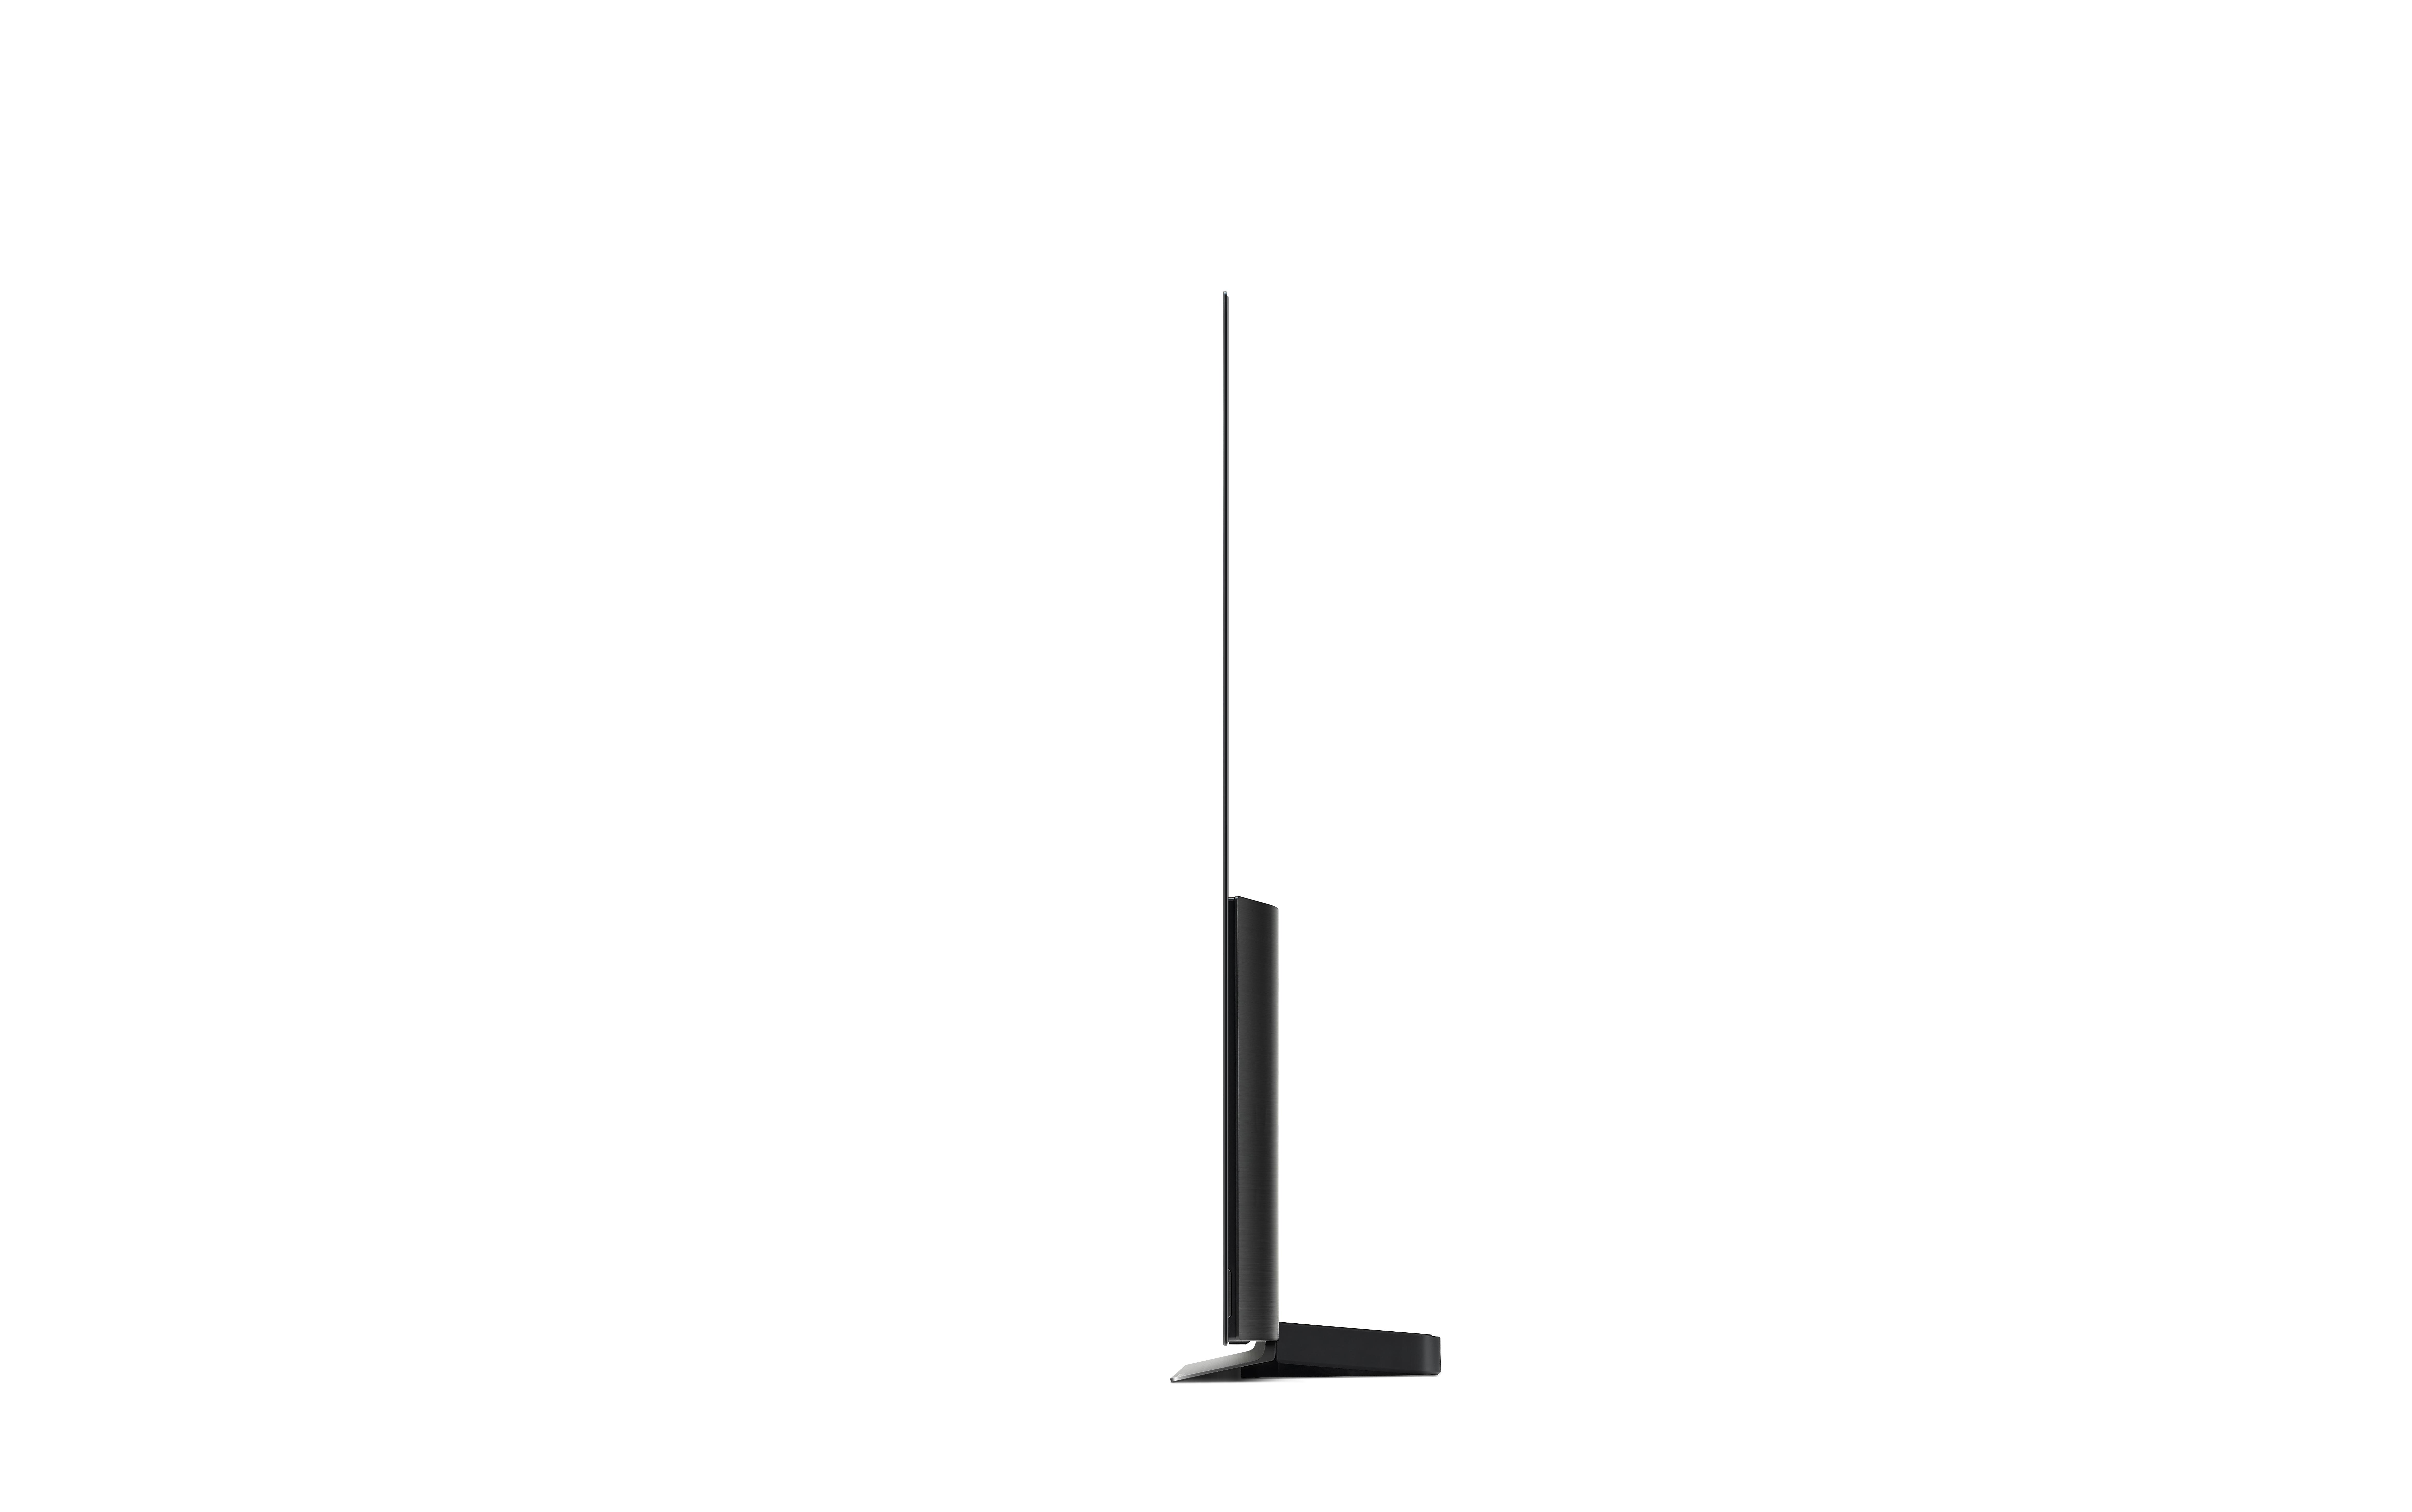 LG OLED CX TV width